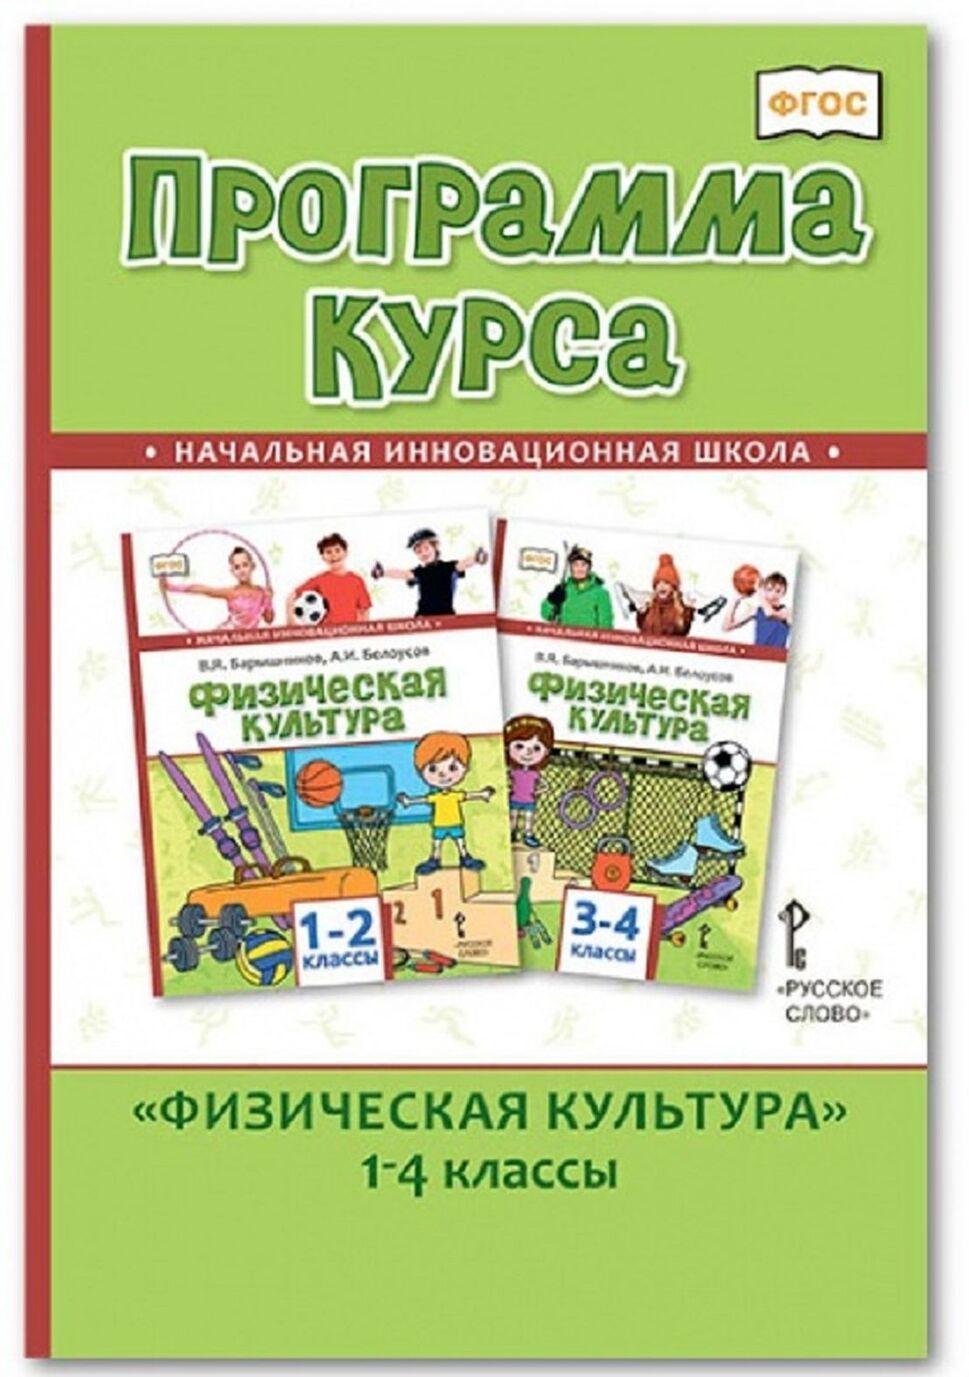 Fizicheskaja kultura. Programma kursa. 1-4 klassy